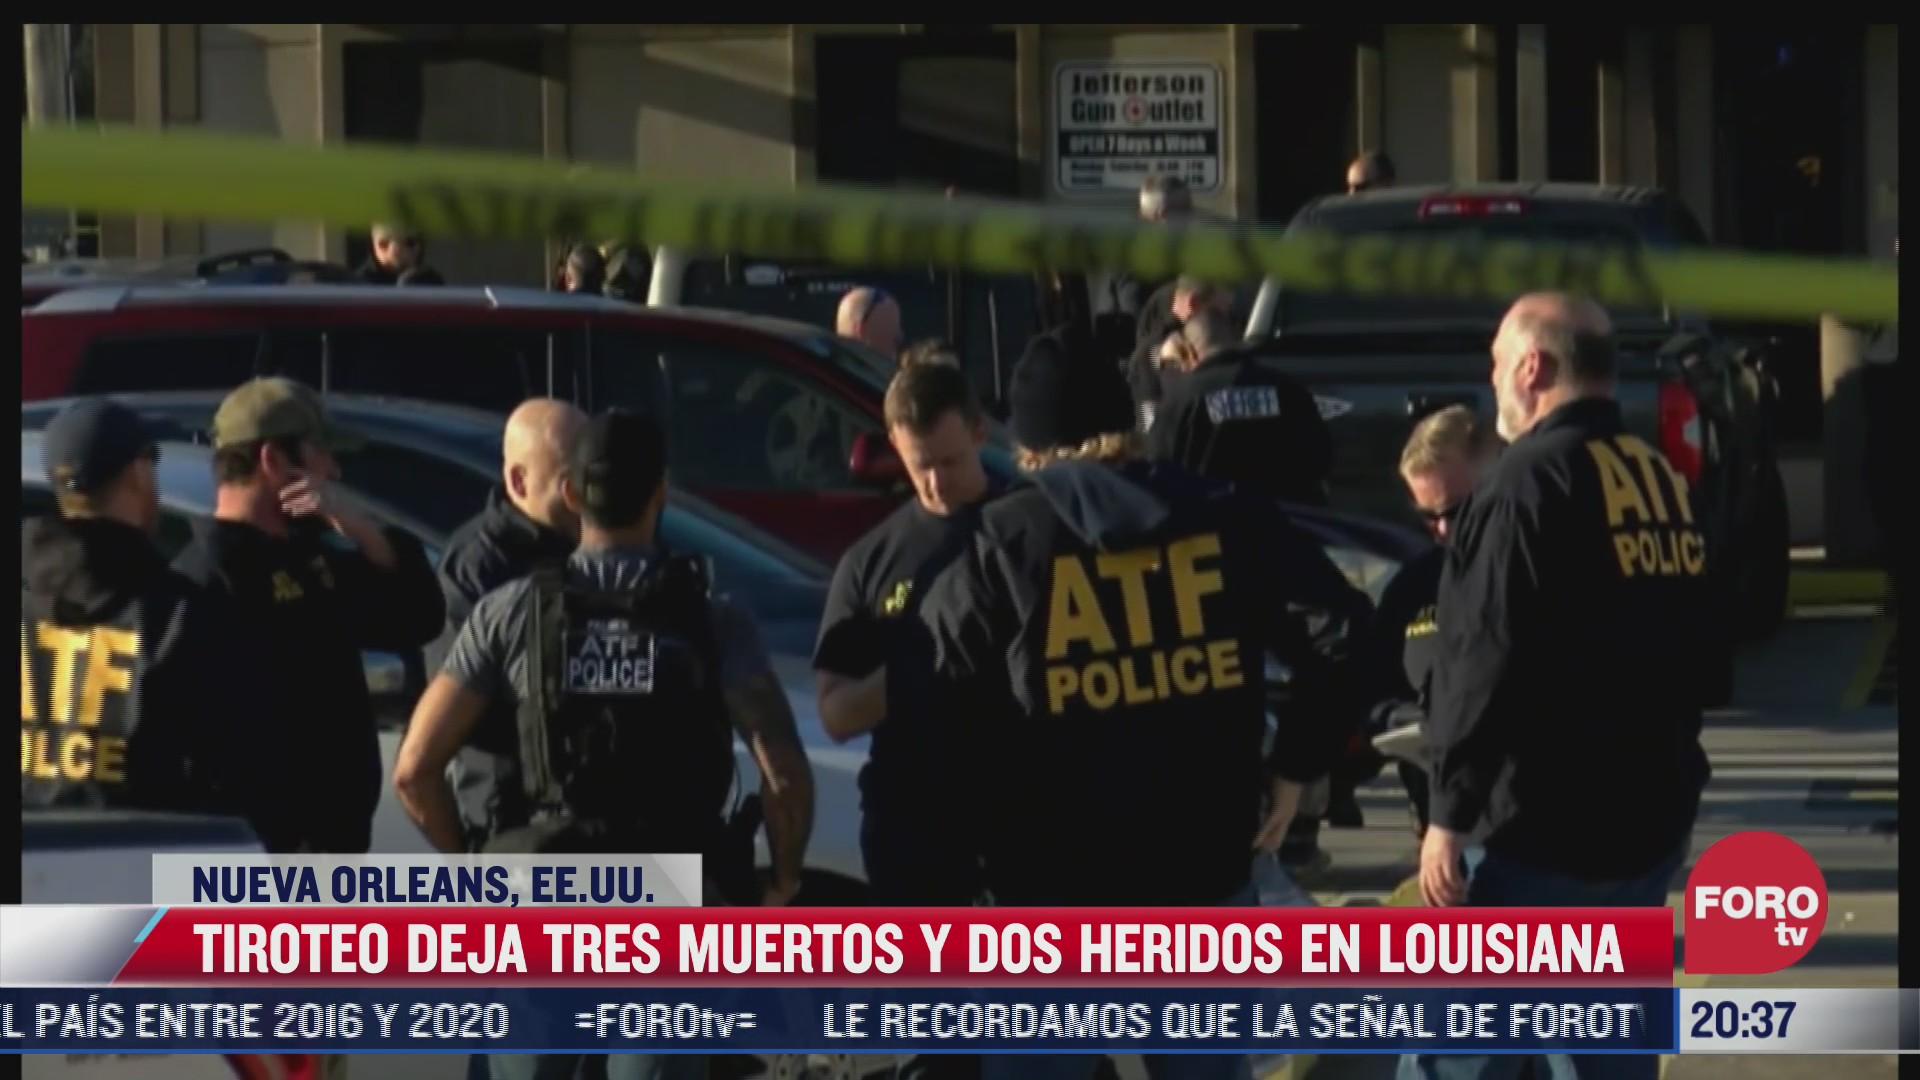 tiroteo deja tres muertos y dos heridos en louisiana